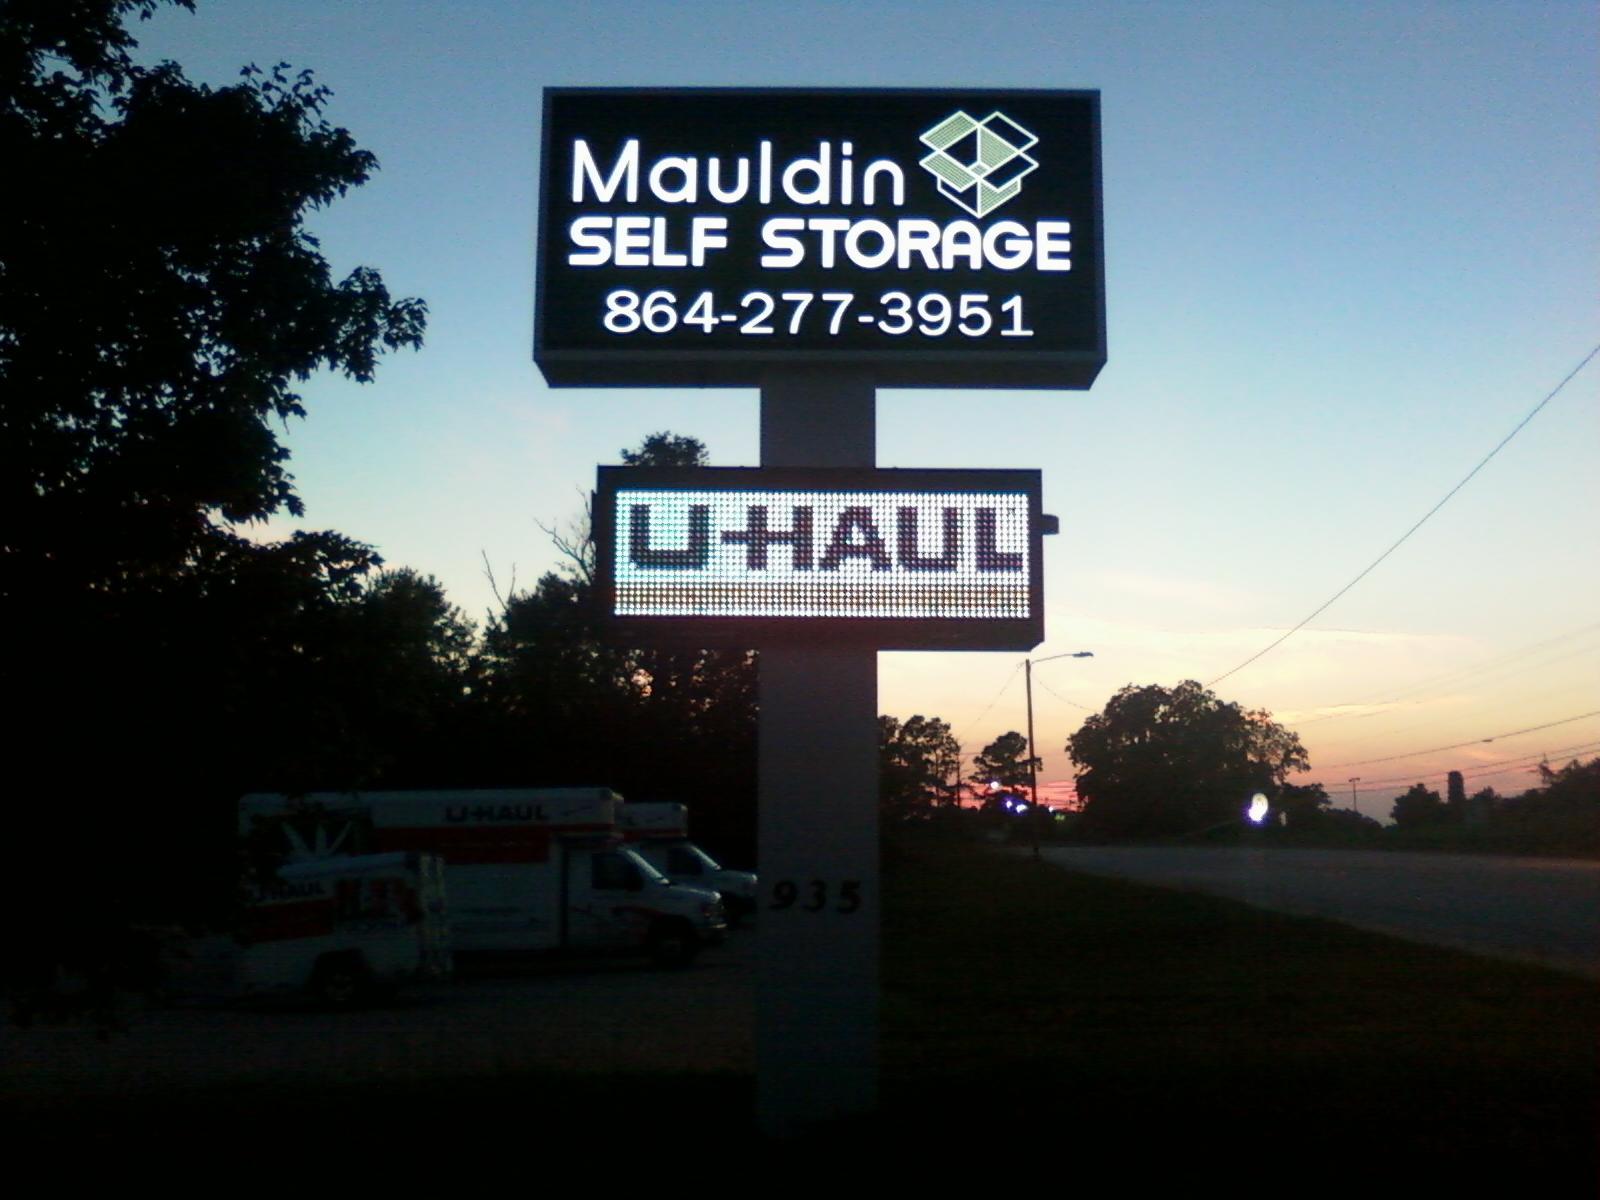 mauldin self storage in greenville sc 29607. Black Bedroom Furniture Sets. Home Design Ideas